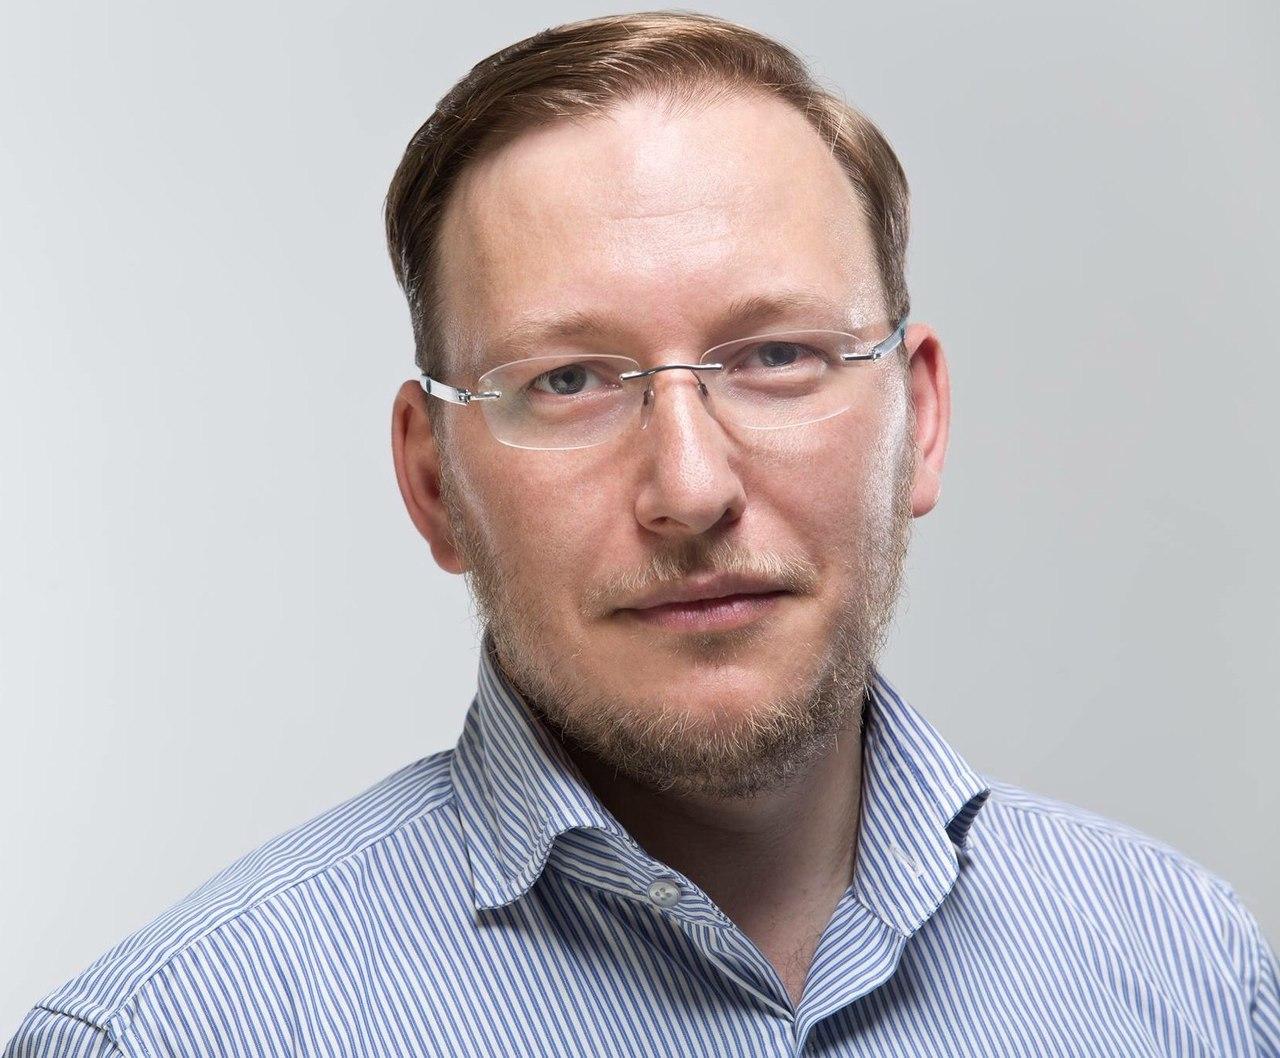 Дмитриев заявил о намерении участвовать в местных выборах